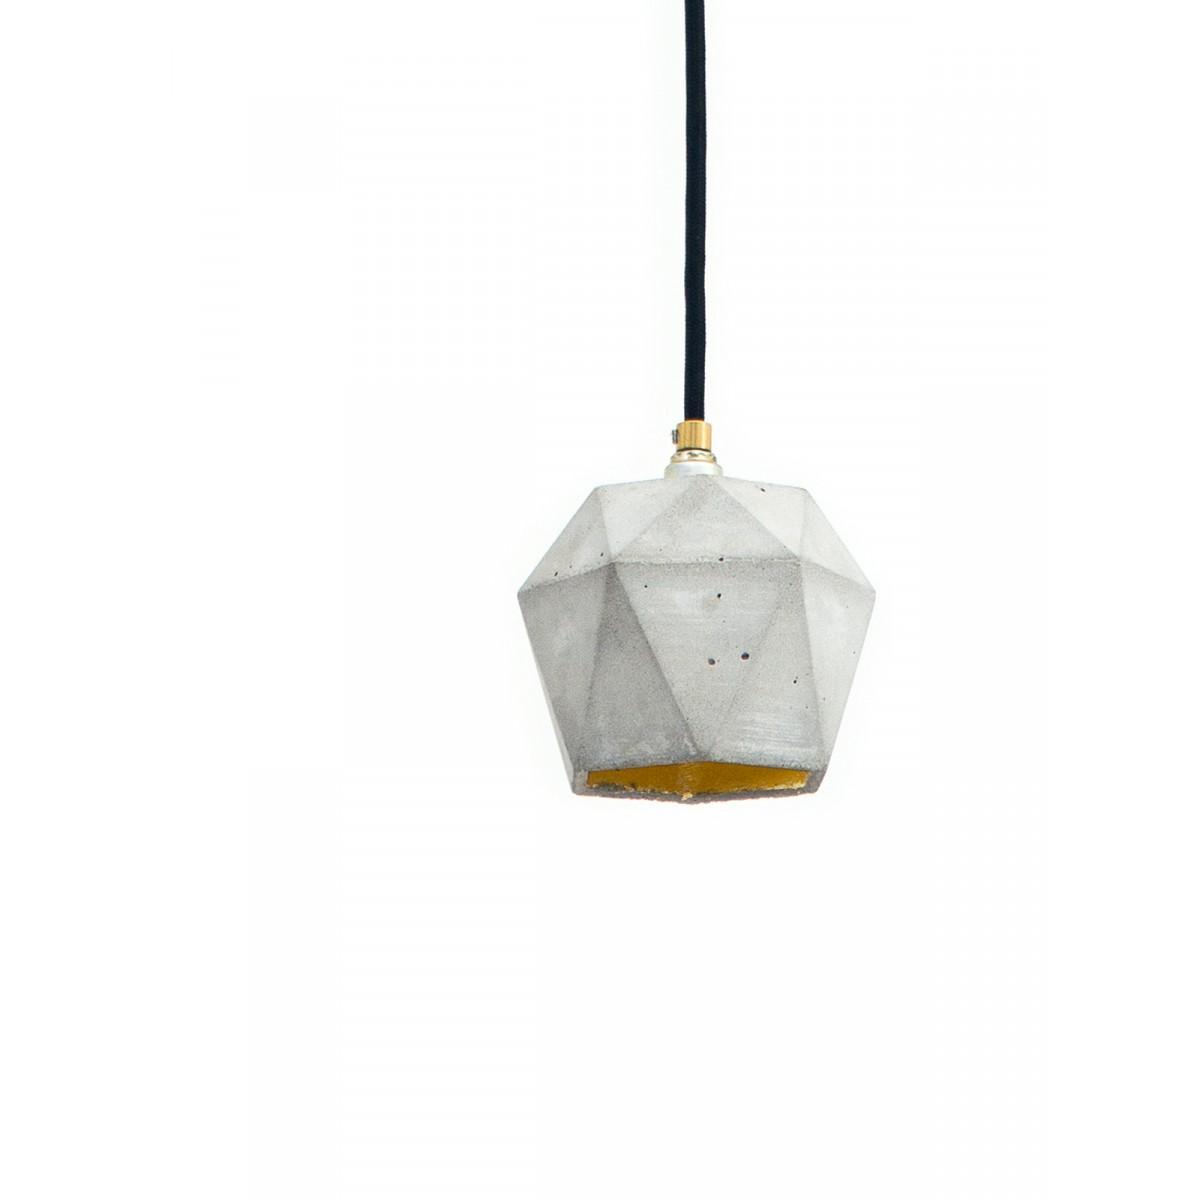 GANTlights - Beton Hängelampe [T2] Lampe Gold trianguliert